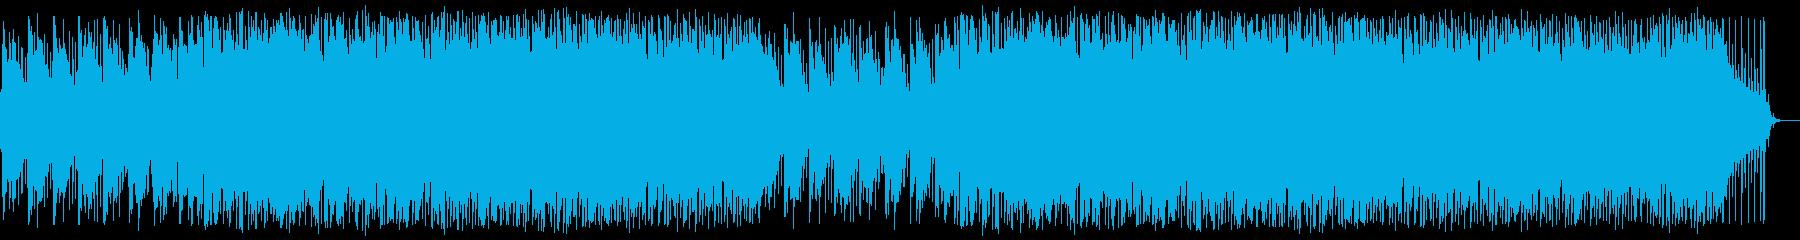 アコギ主体のポップで爽やかなコーポレートの再生済みの波形